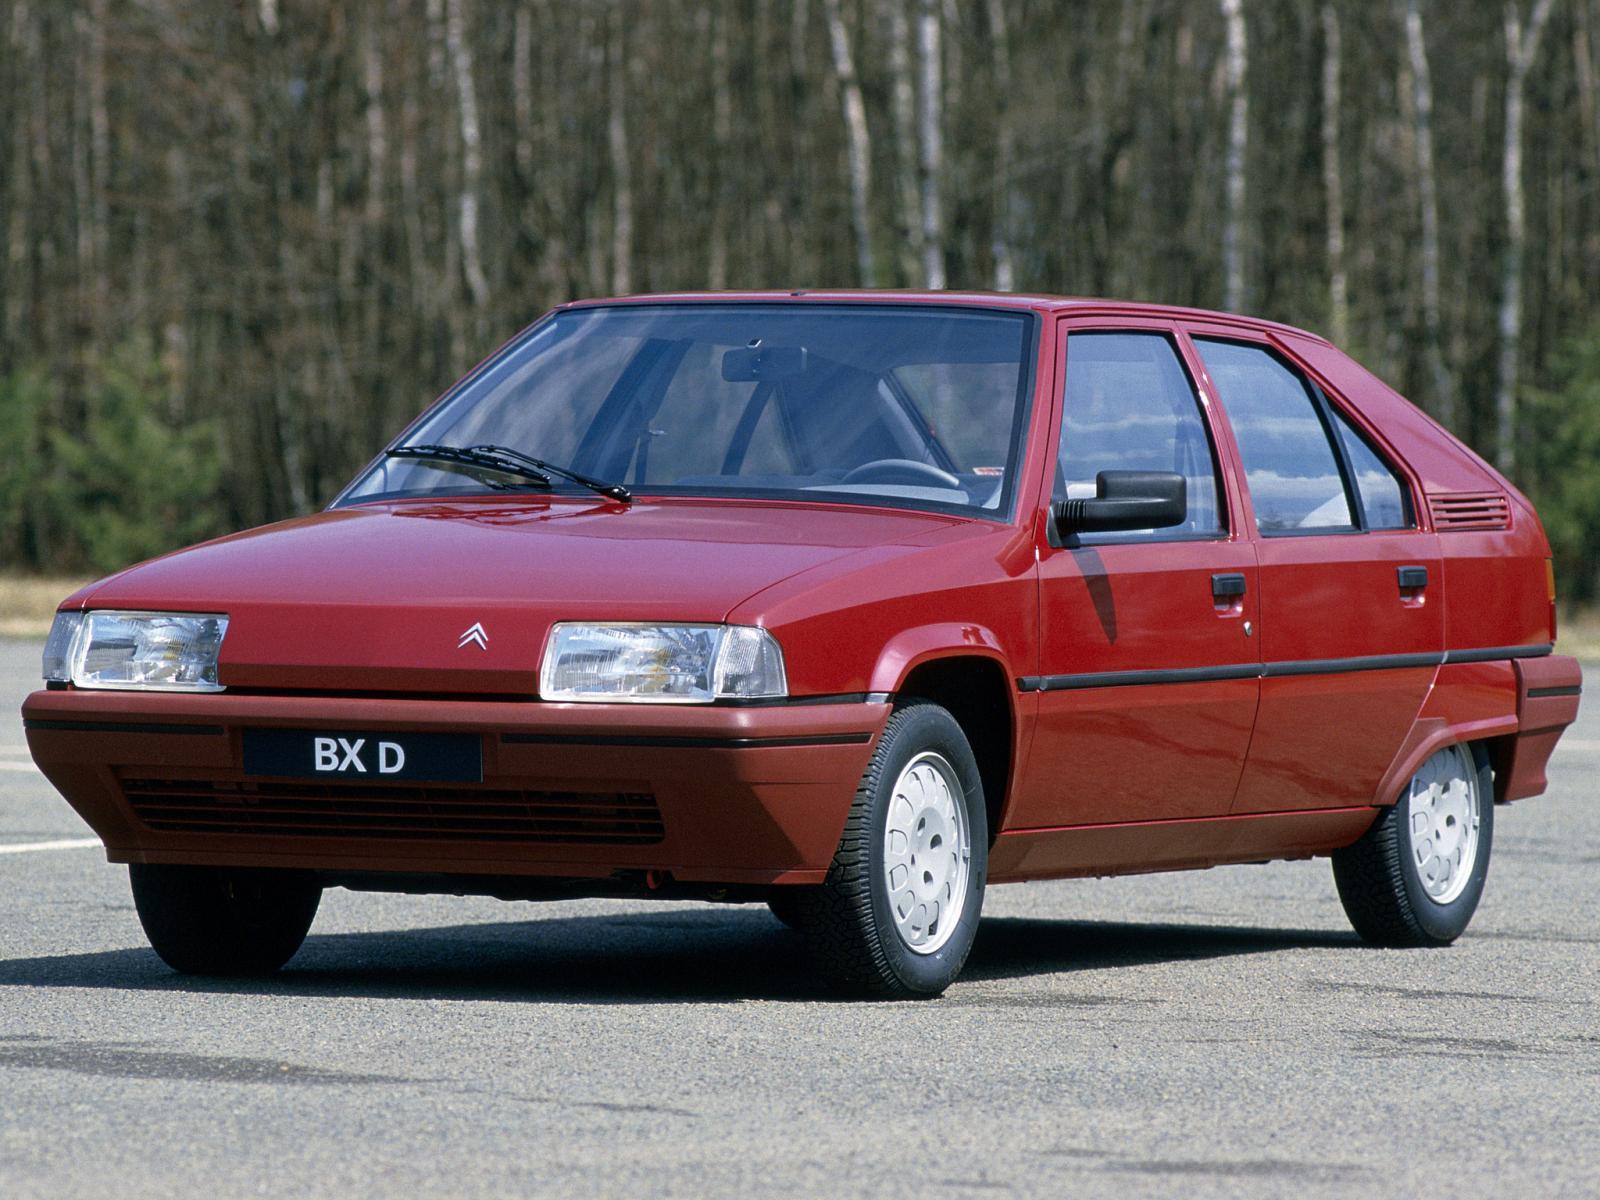 BX D 1986